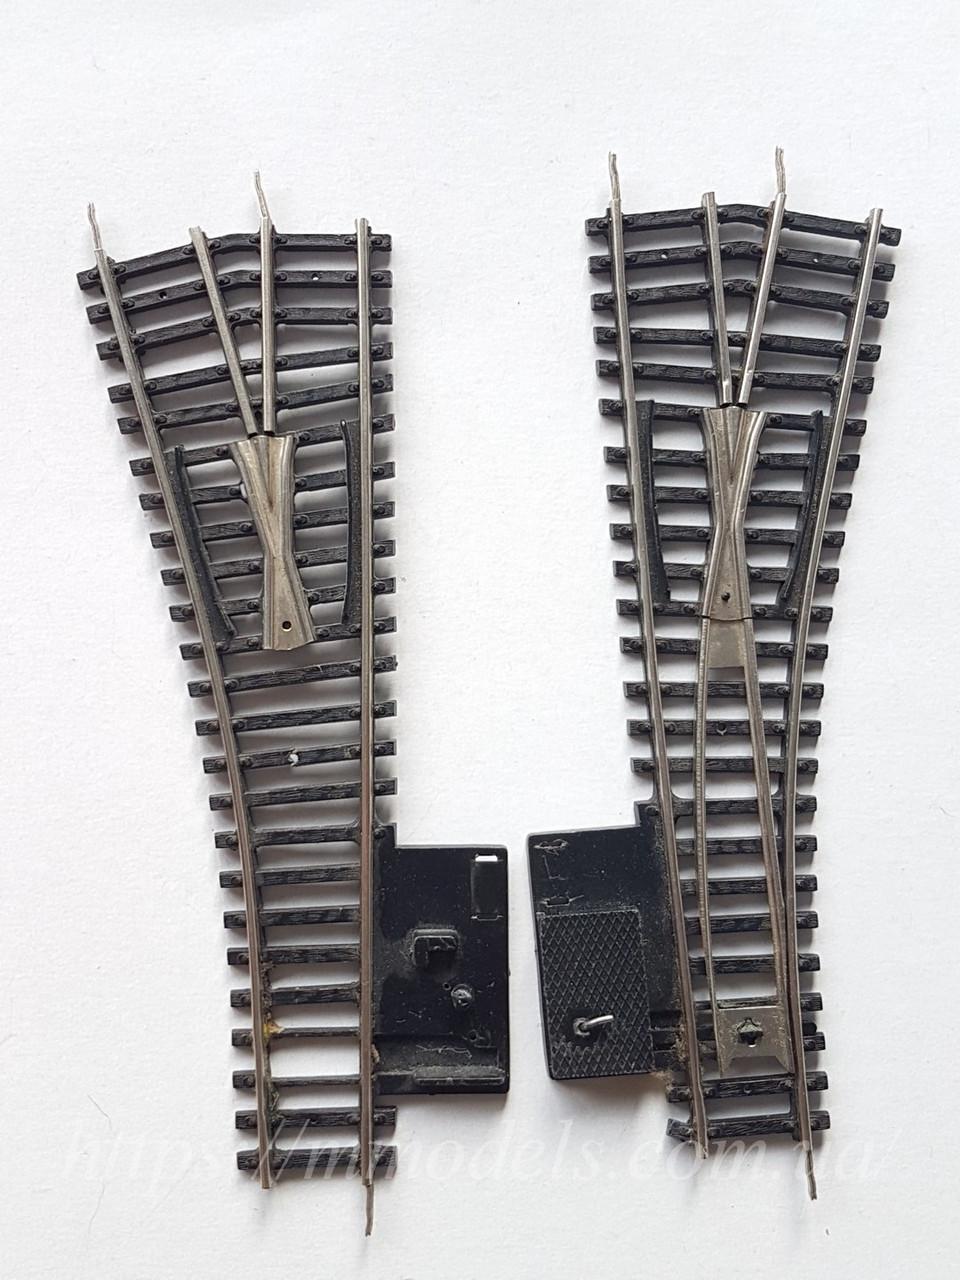 PIKO GDR П- образные рельсы  стрелочный перевод правый,левый под ремонт или восстановление, масштаба H0, 1:87